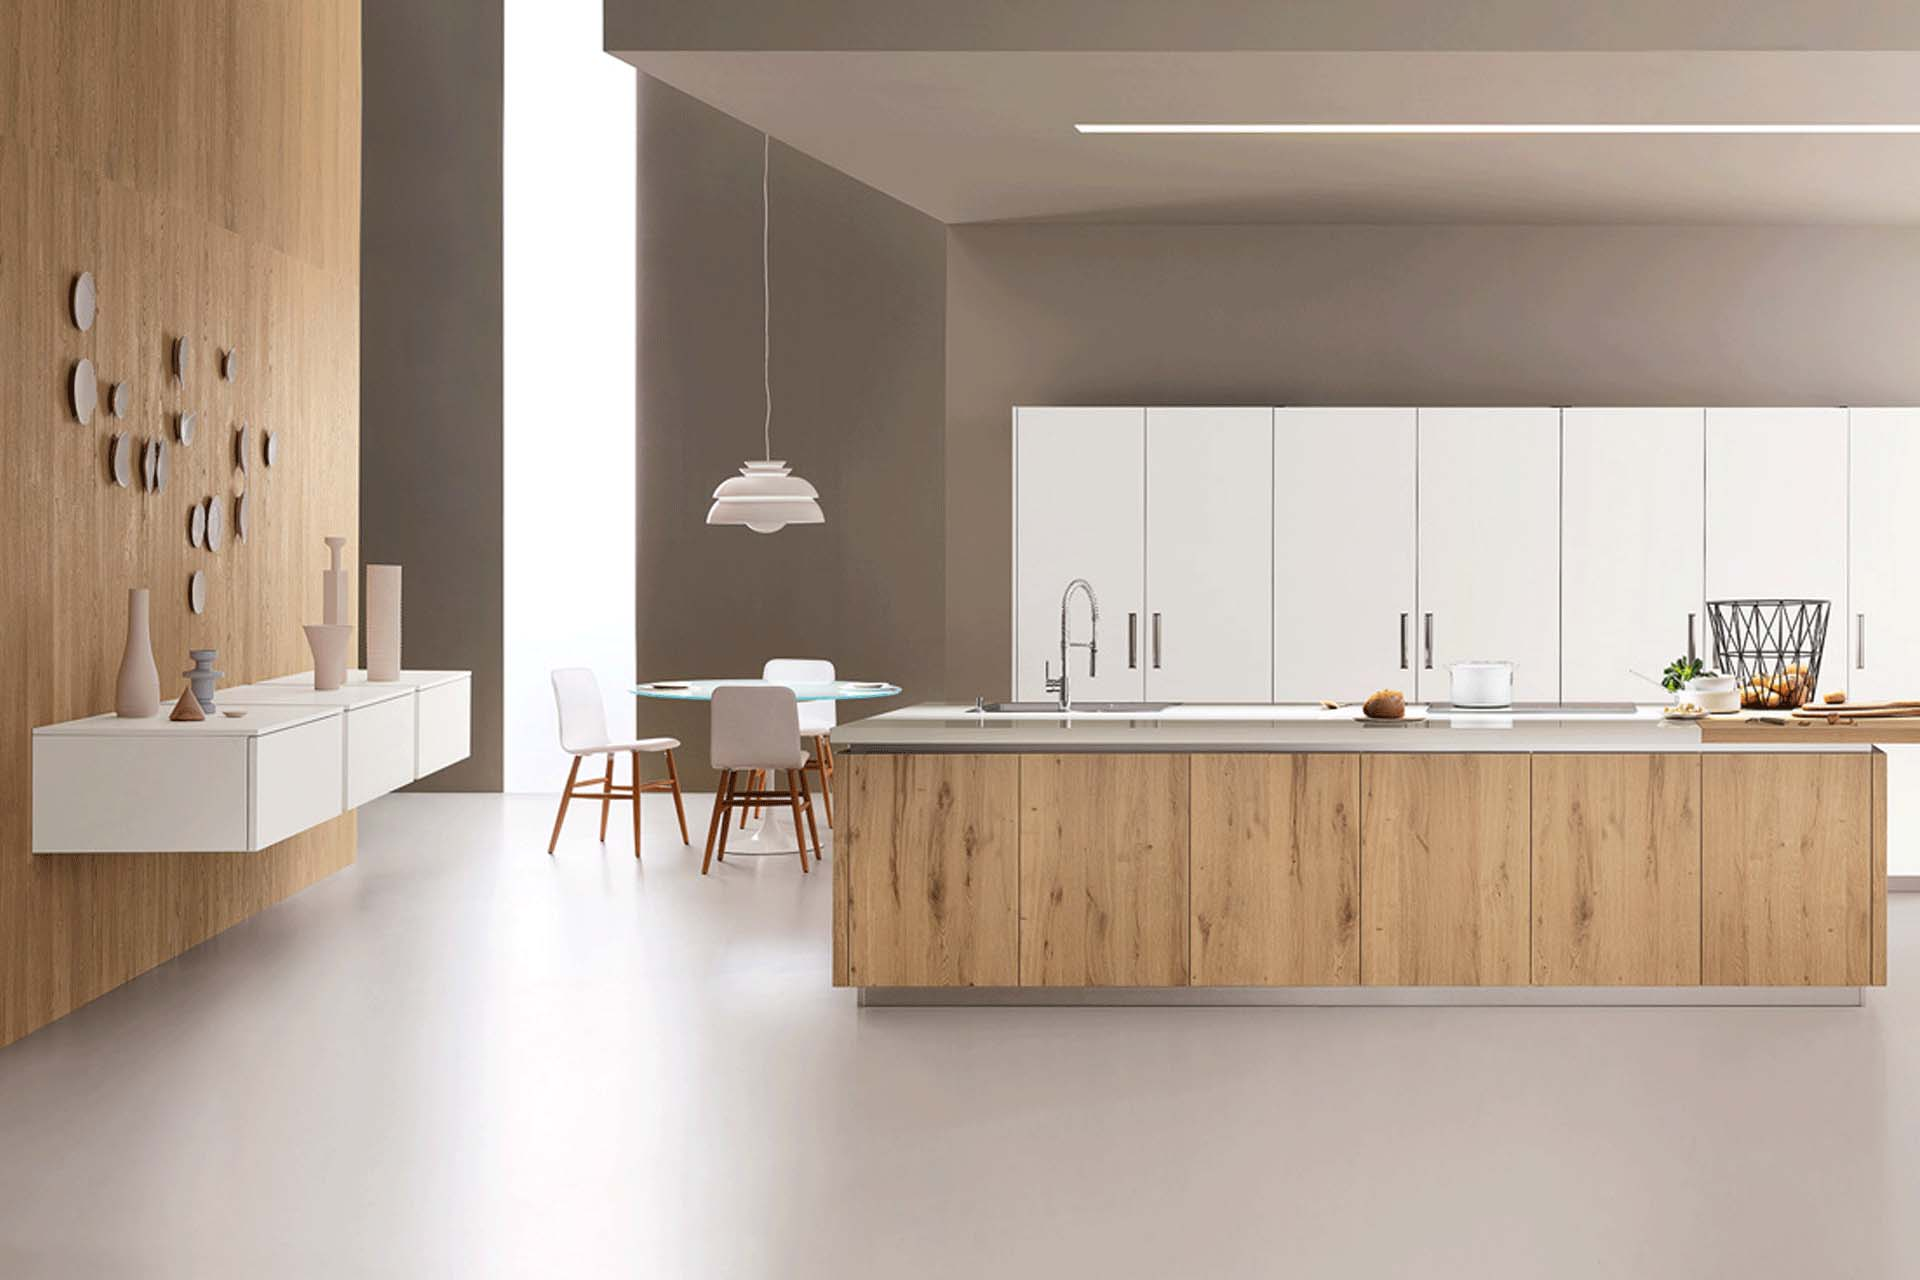 Mobel arredamenti i mobili per la vita a modica rg for Disegni di grandi cucine